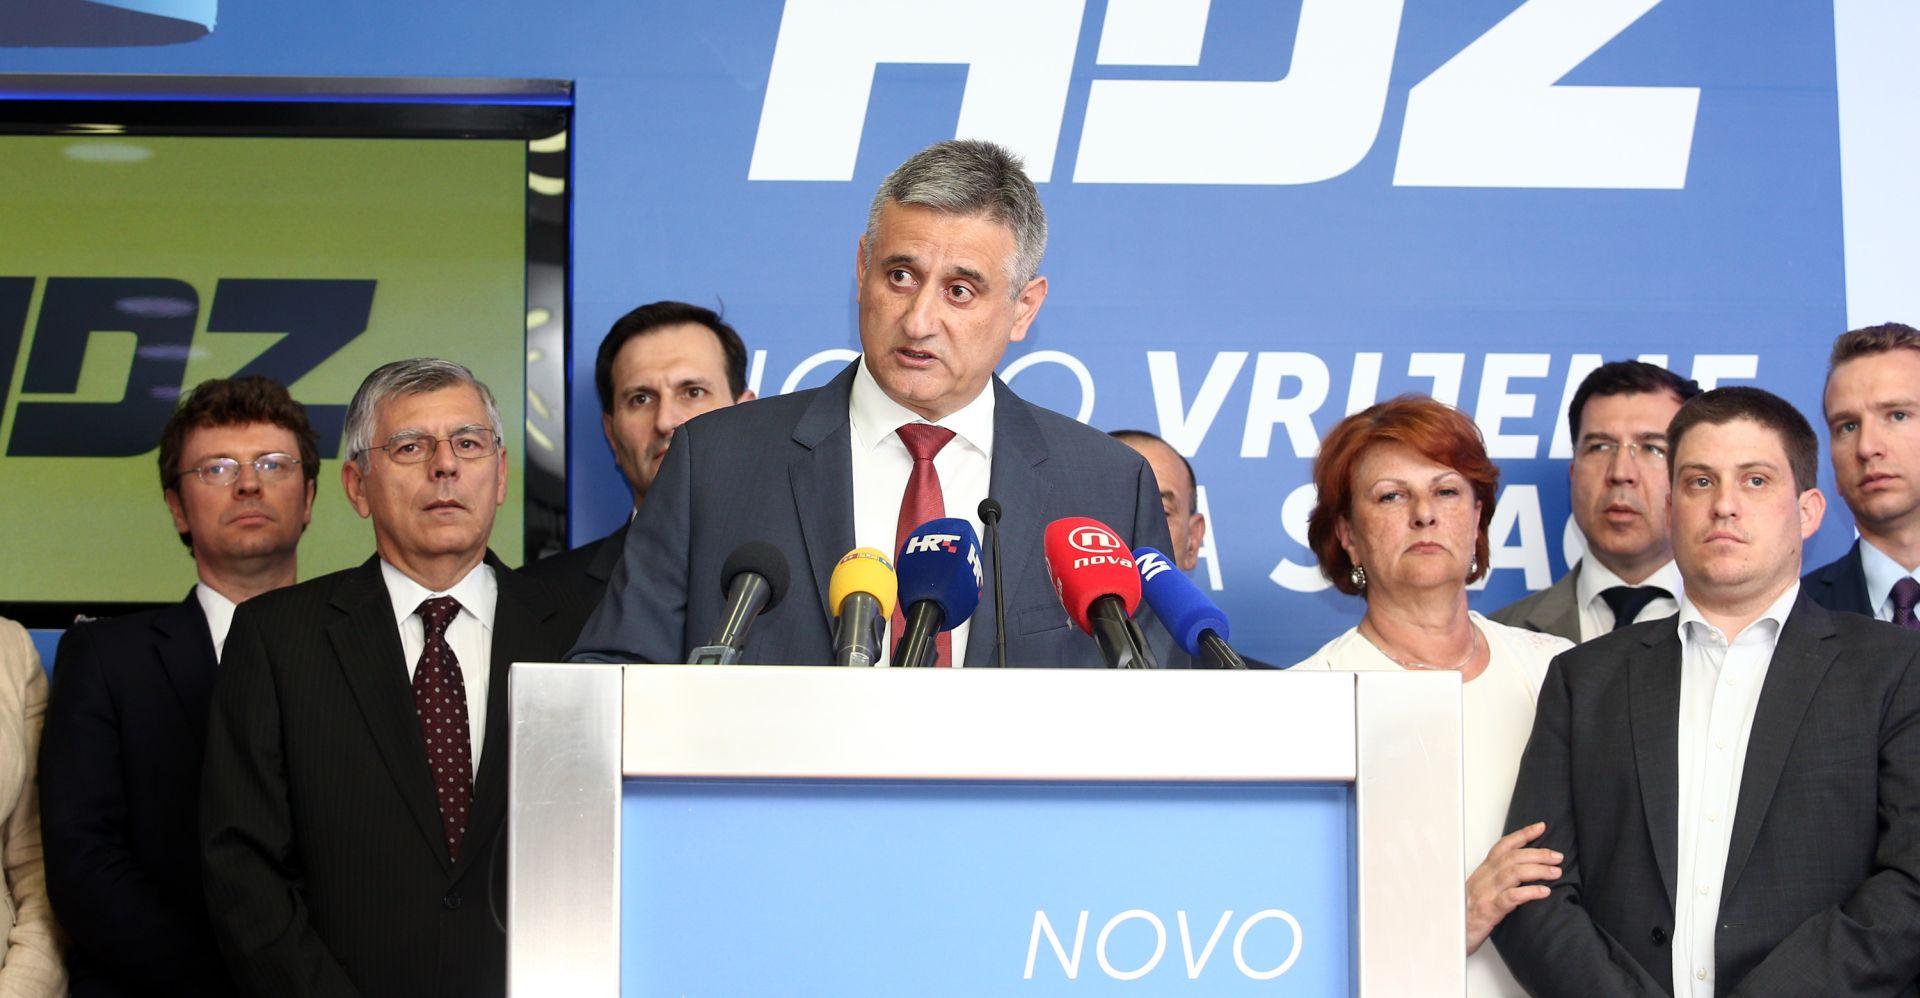 UŽIVO: U Saboru počelo prikupljanje potpisa, Milanović pozvao na što ranije izbore